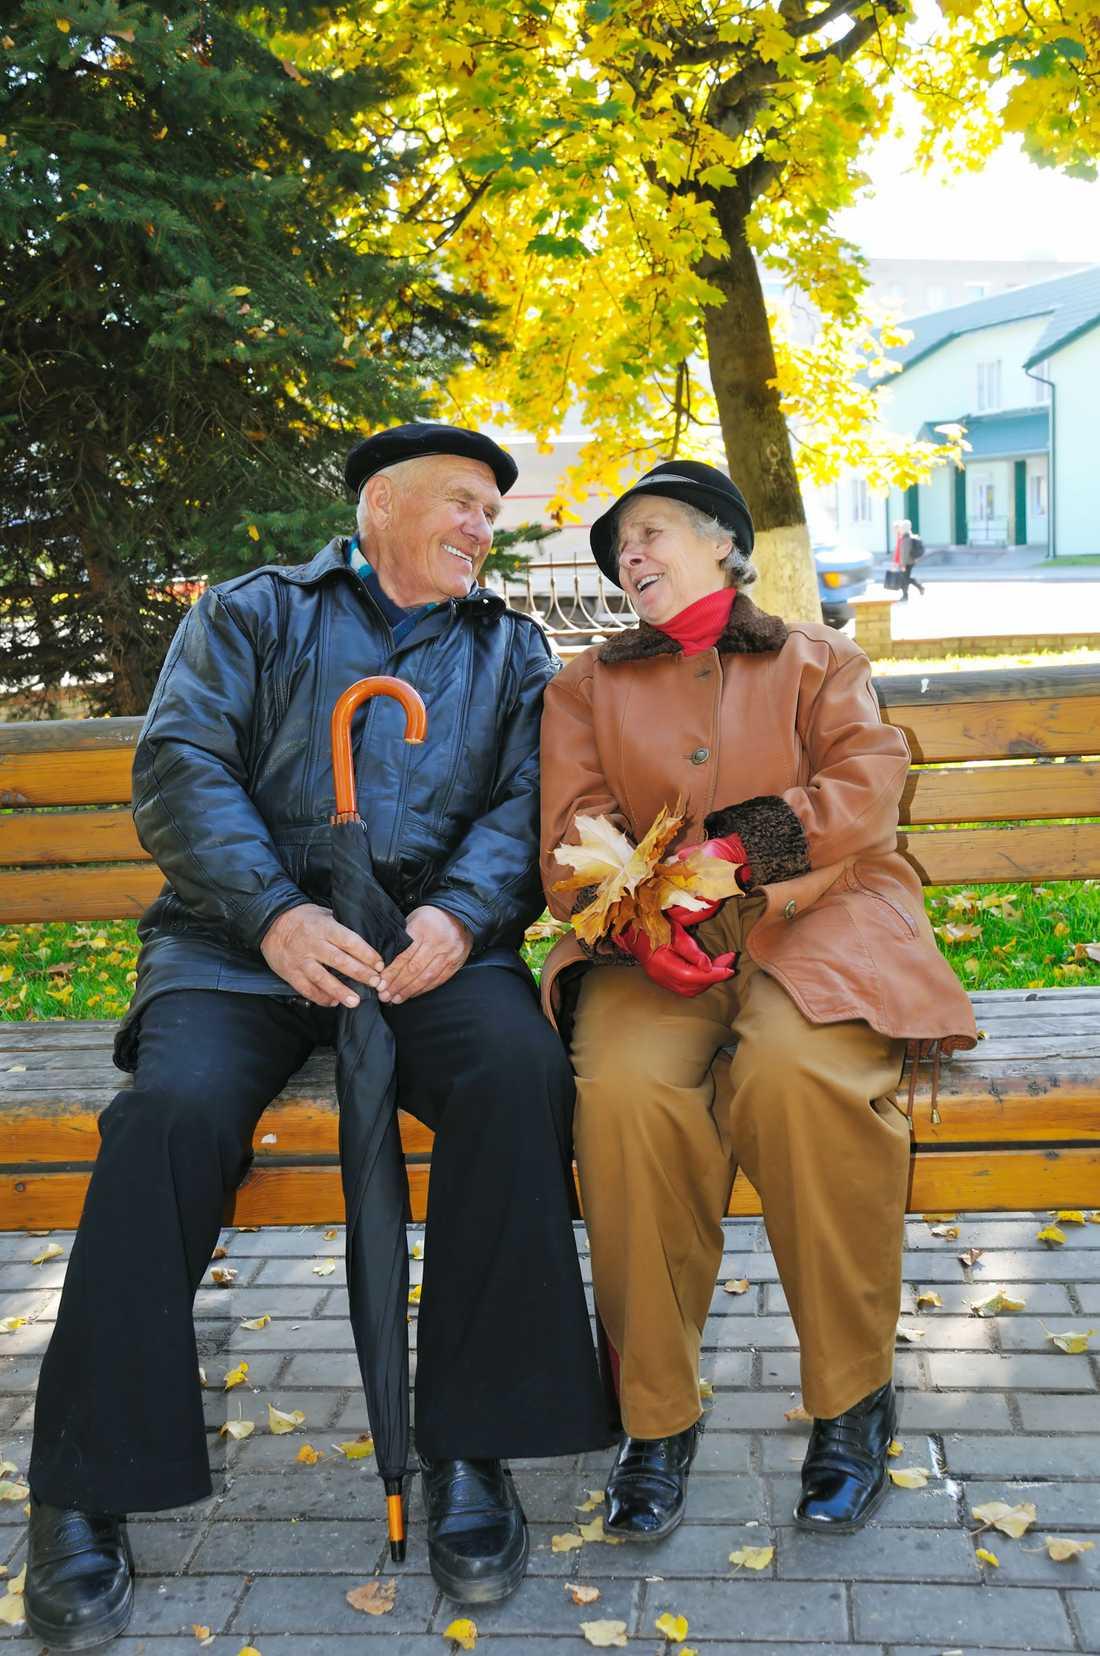 I Norge blir livet som pensionär tryggast enligt en ny analys.